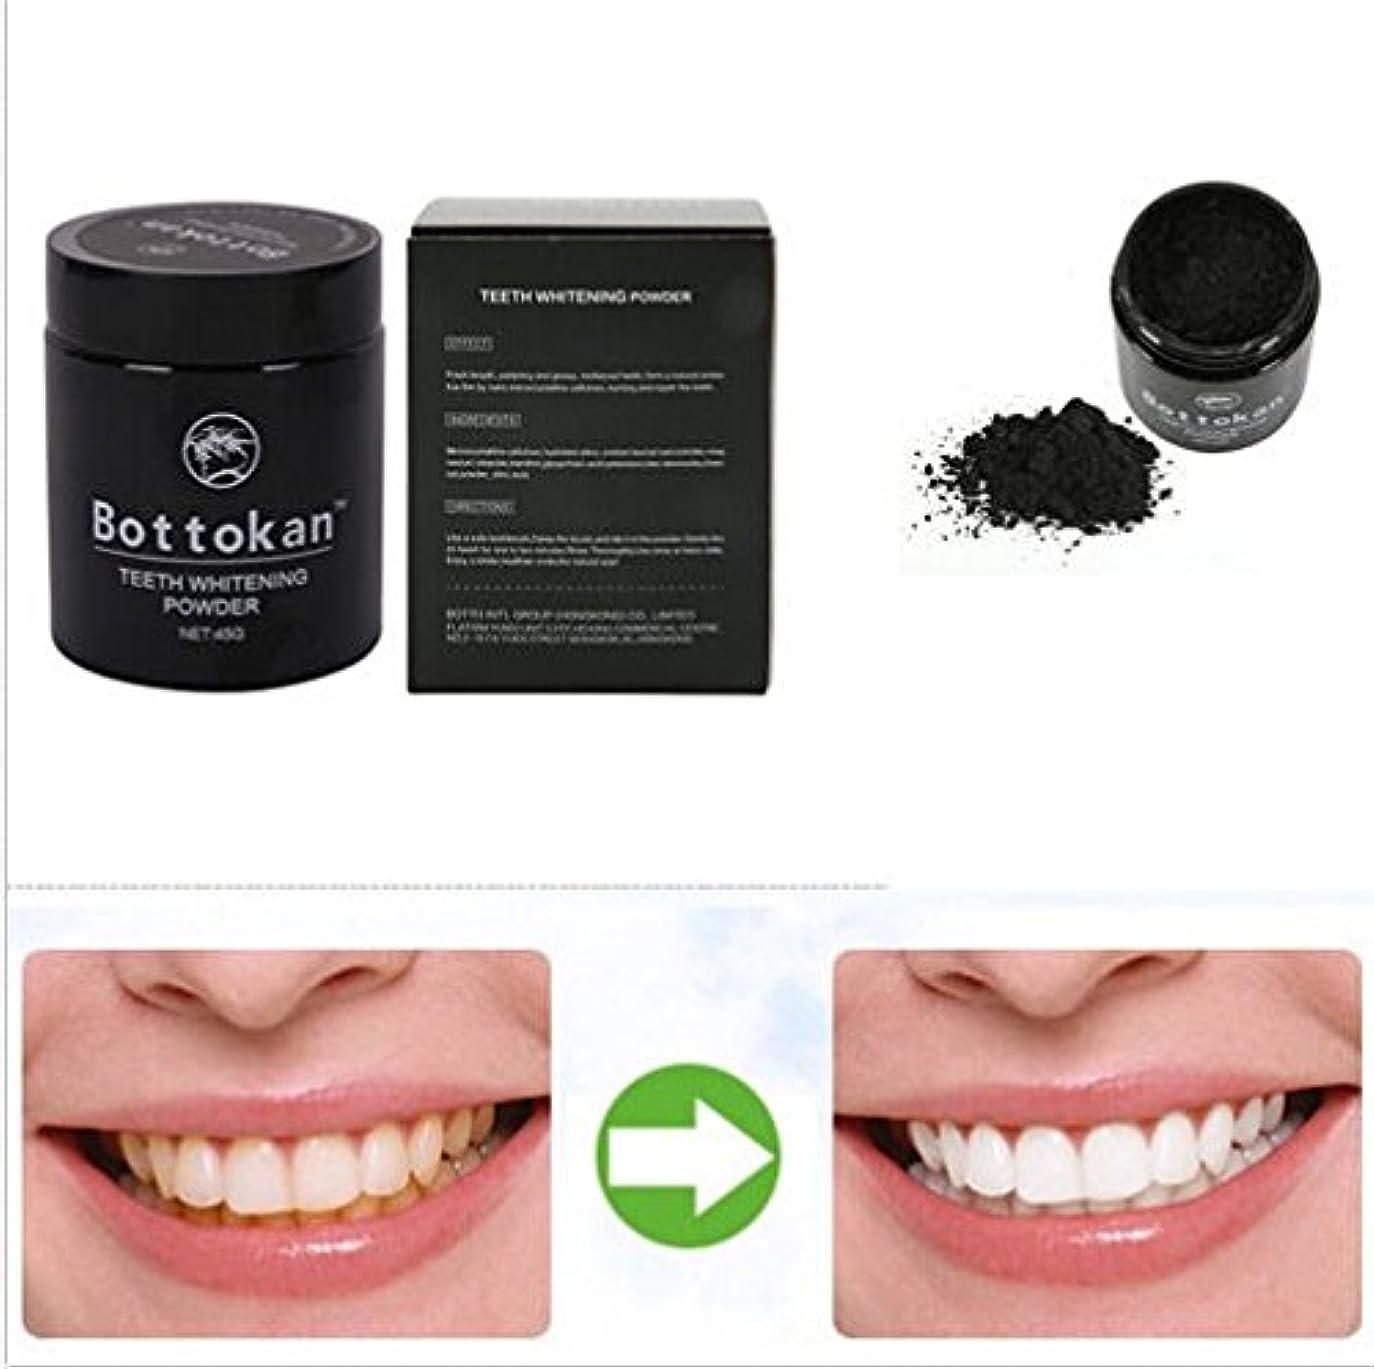 テストバズブル歯磨きパウダー 食べる活性炭 チャコールパーティクル 竹炭パウダー 45g 黒缶